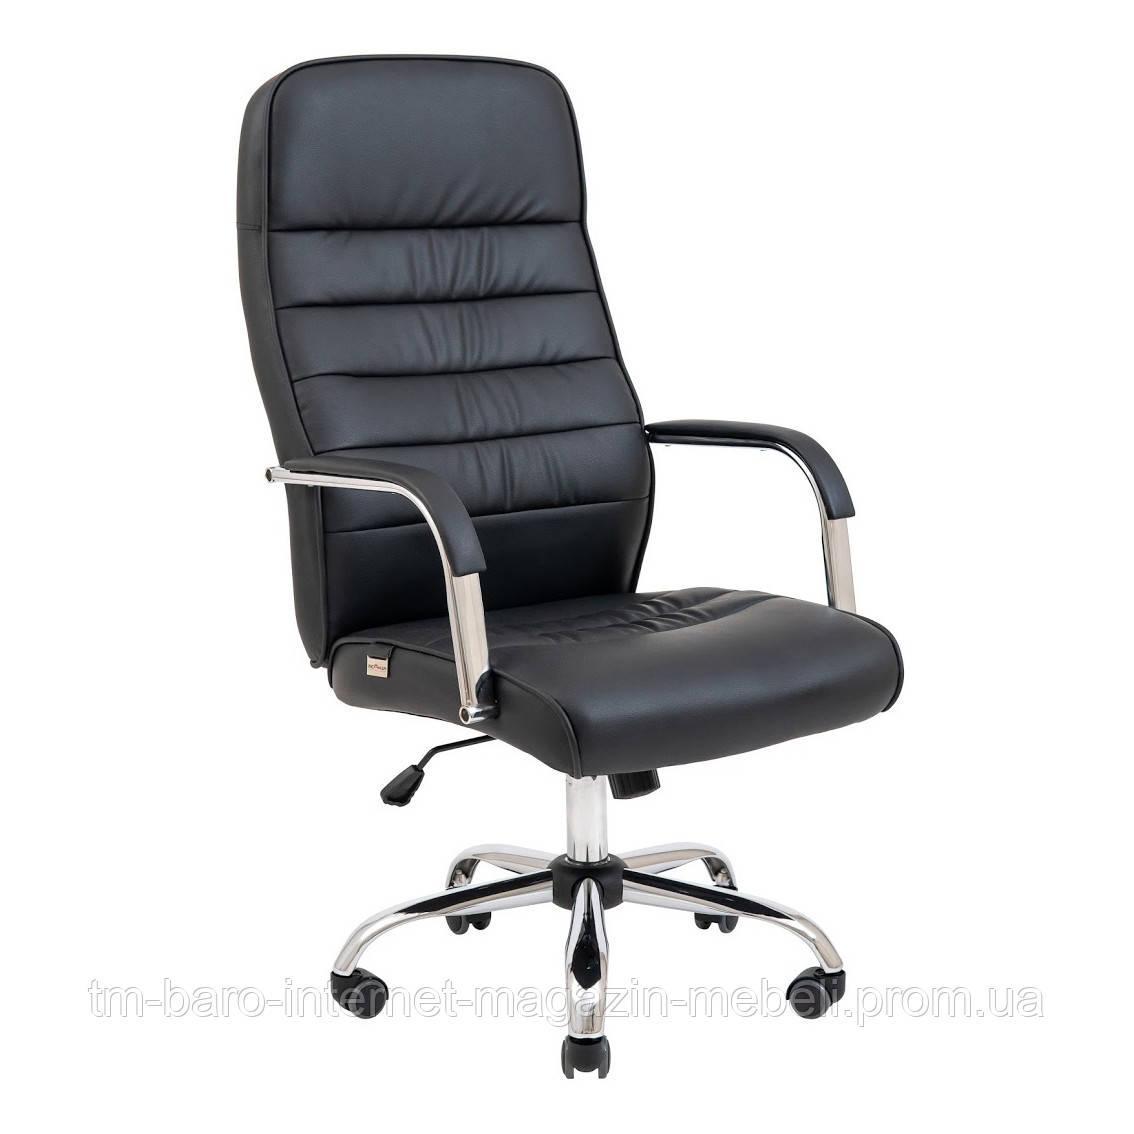 Кресло Лион черный, Richman